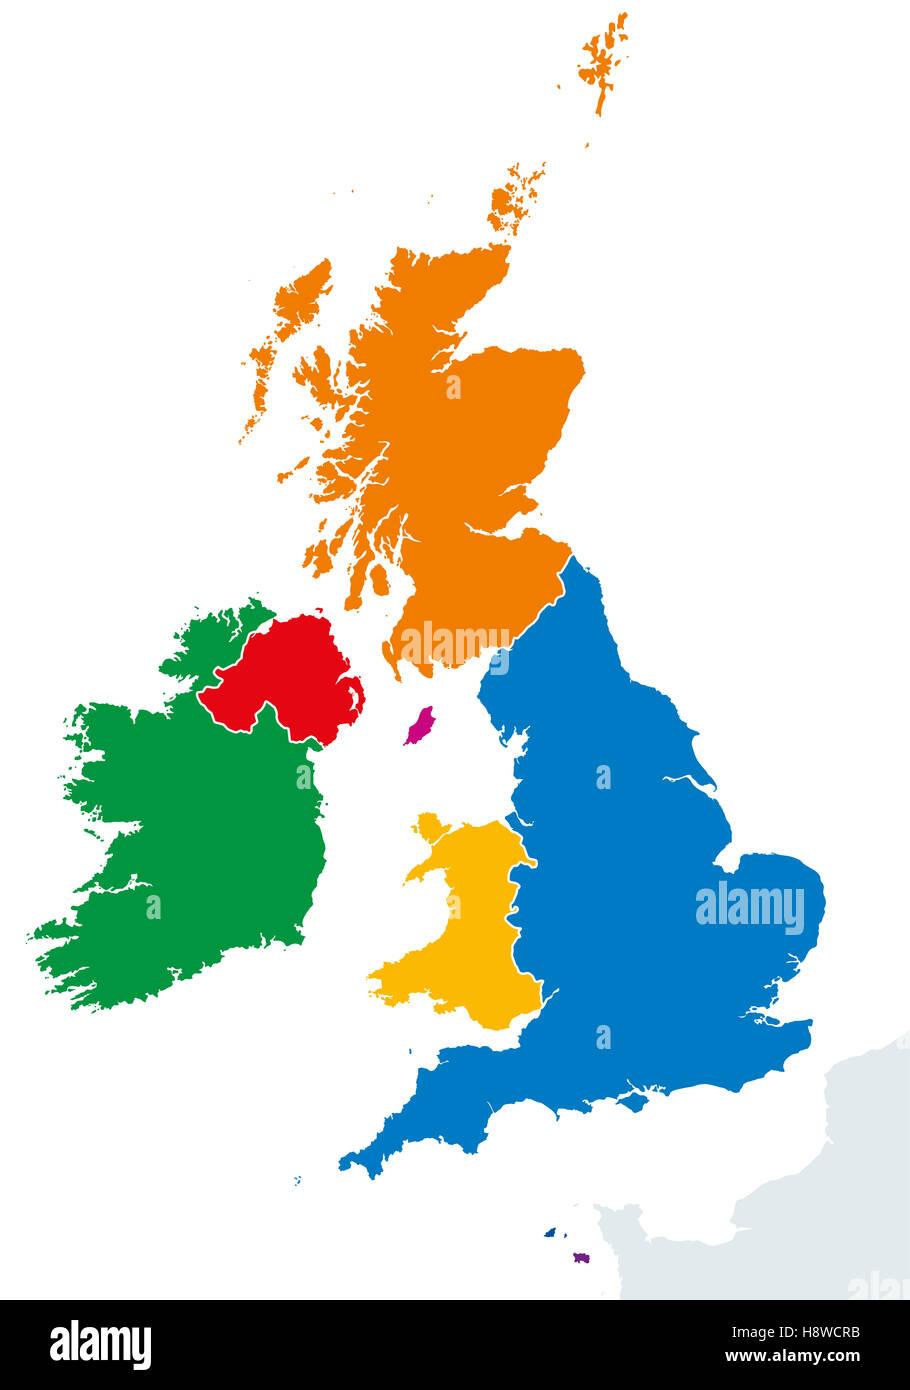 Cartina Inghilterra E Scozia.Regno Unito Paesi E Irlanda Mappa Politico Inghilterra Scozia Galles E Irlanda Del Nord Foto Stock Alamy